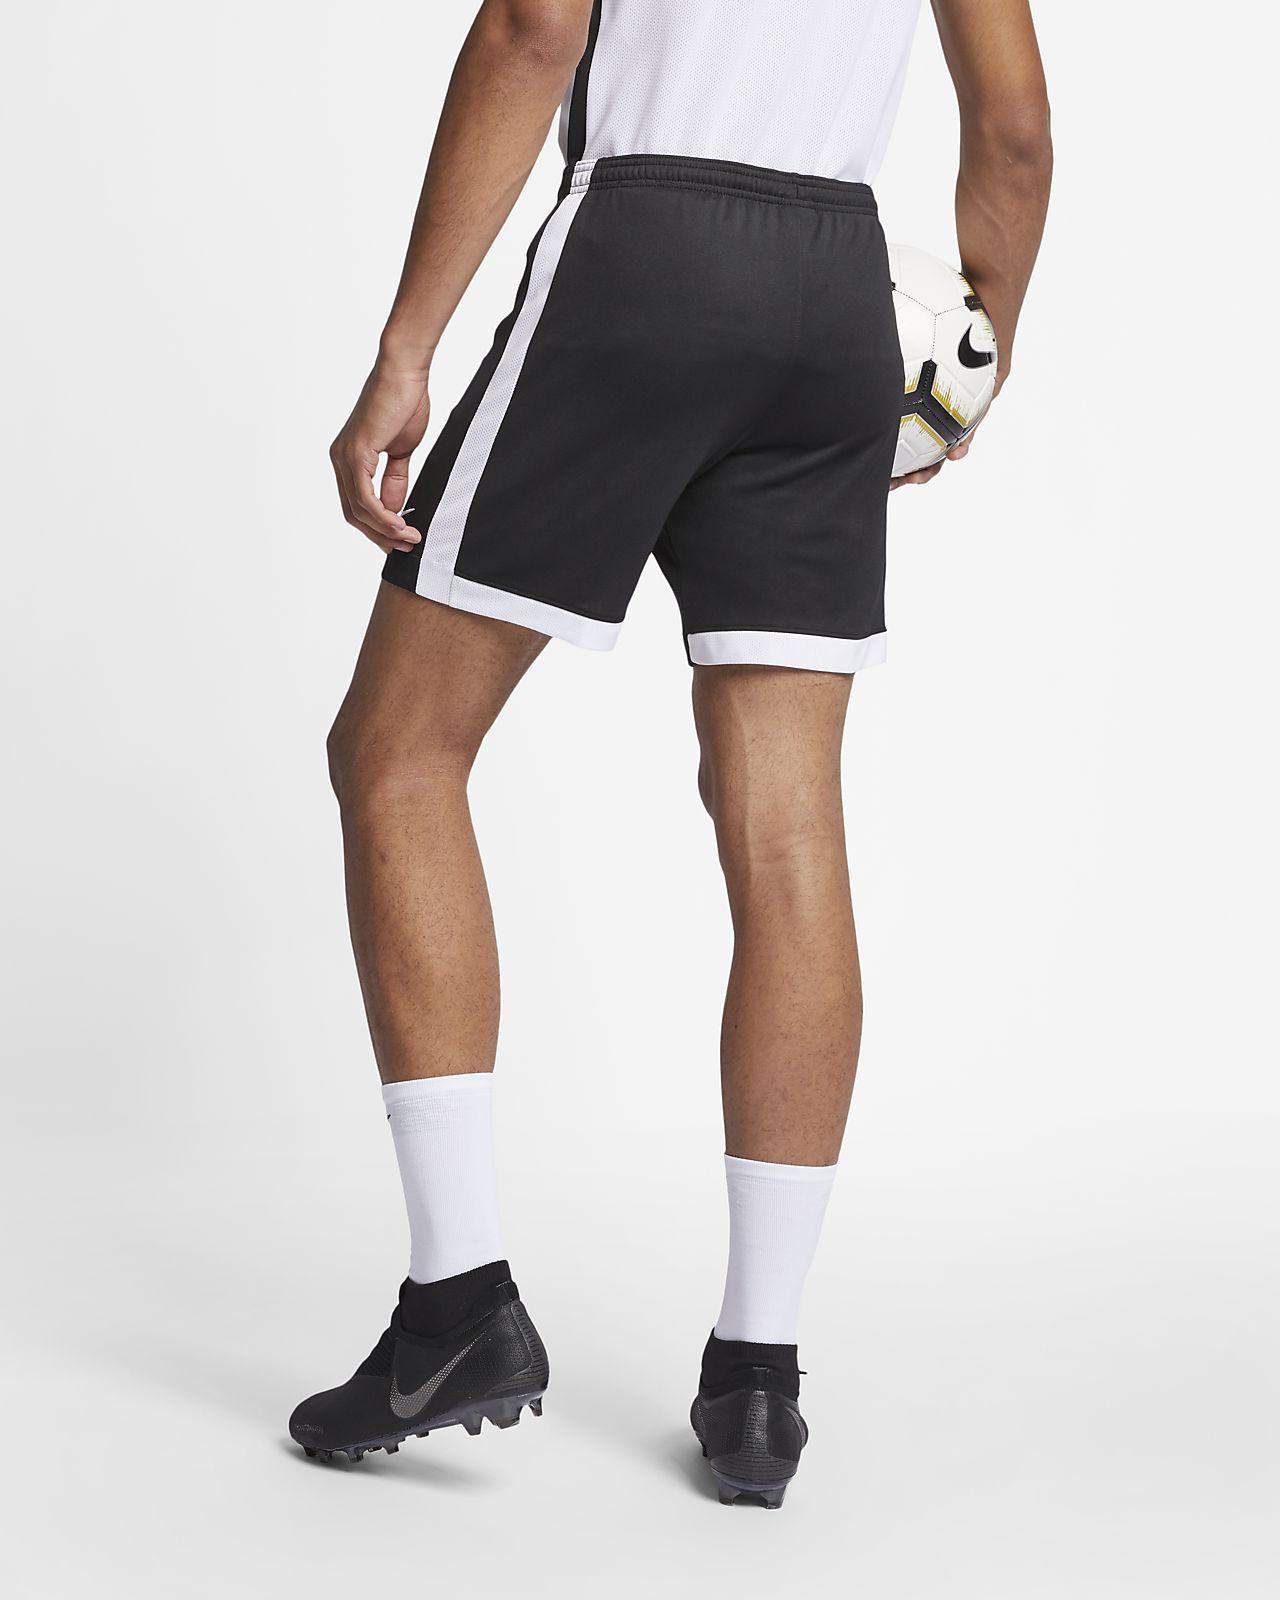 e1e8a1df4f7c Nike Dri-FIT Academy Men s Soccer Shorts. Nike.com